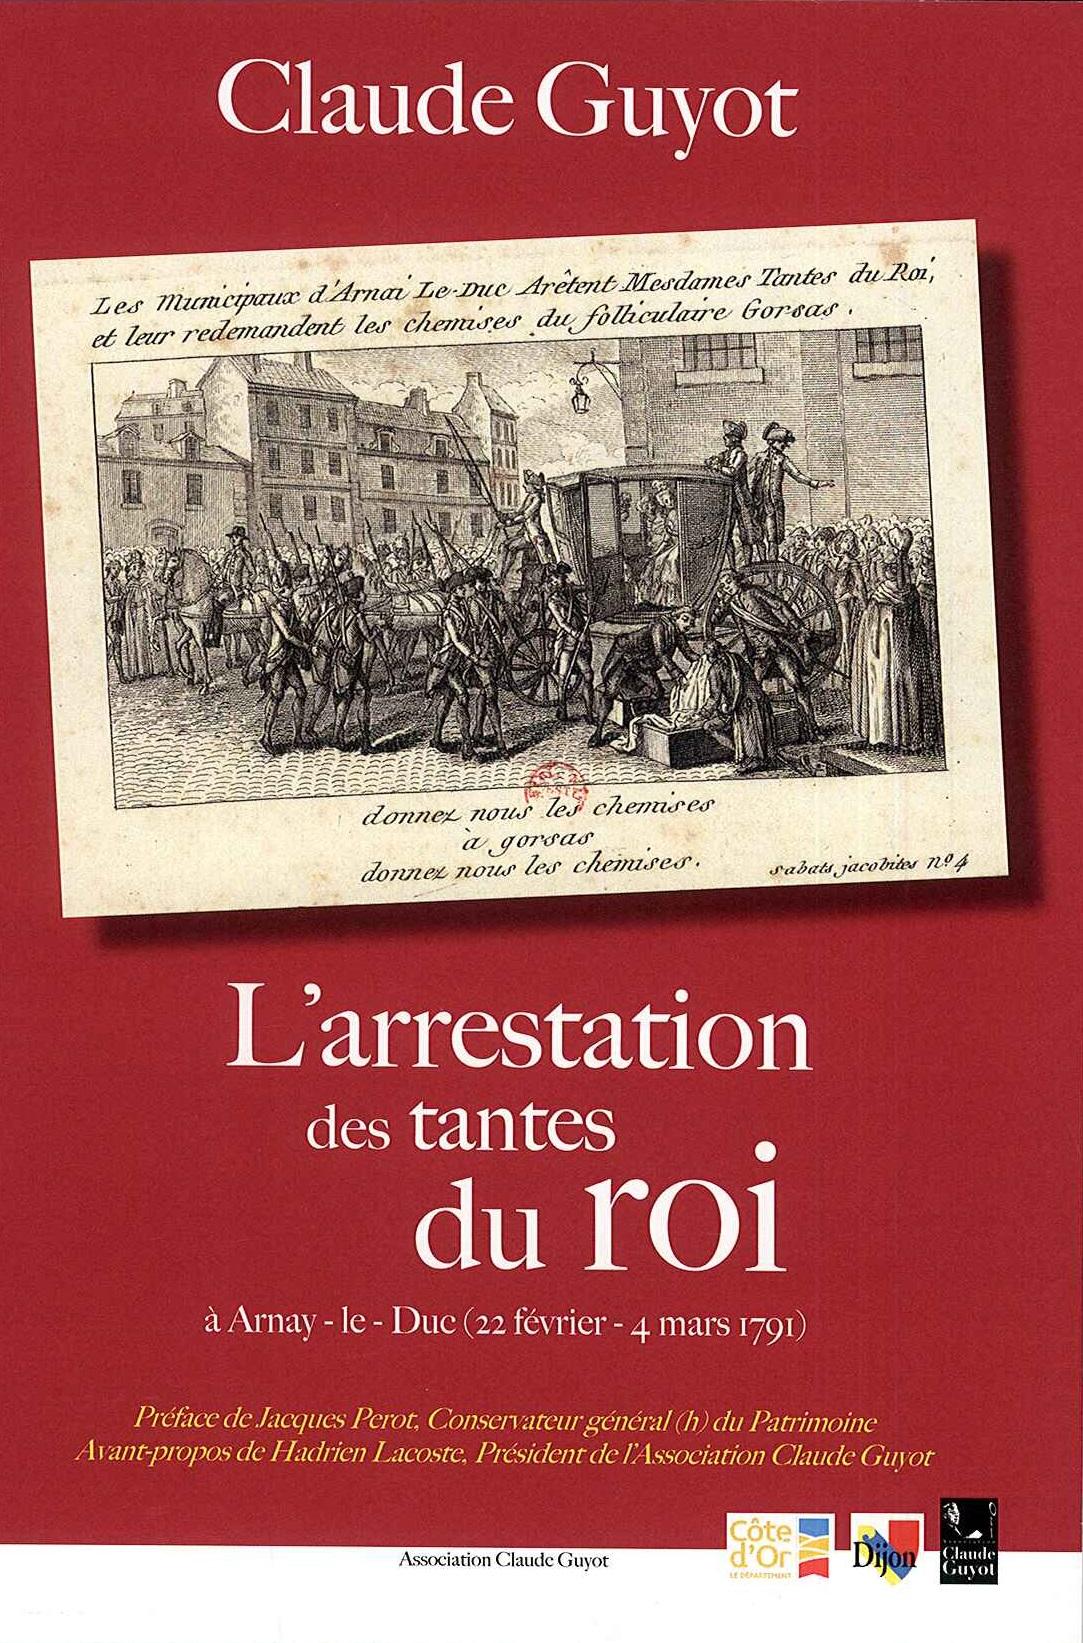 Première de couverture - L'Arrestation des Tantes du Roi à Arnay-le-Duc